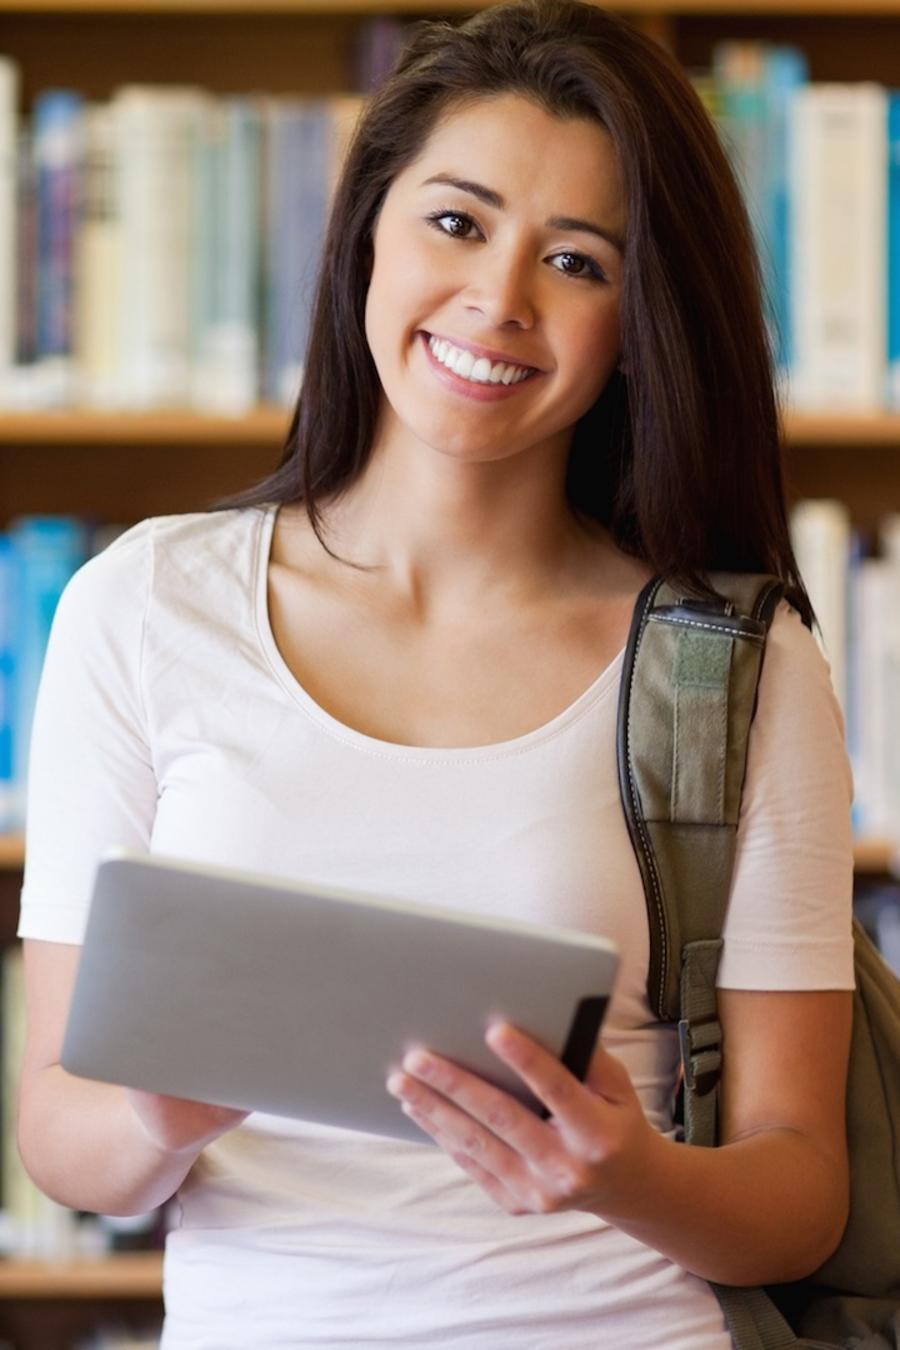 Estudiante en biblioteca